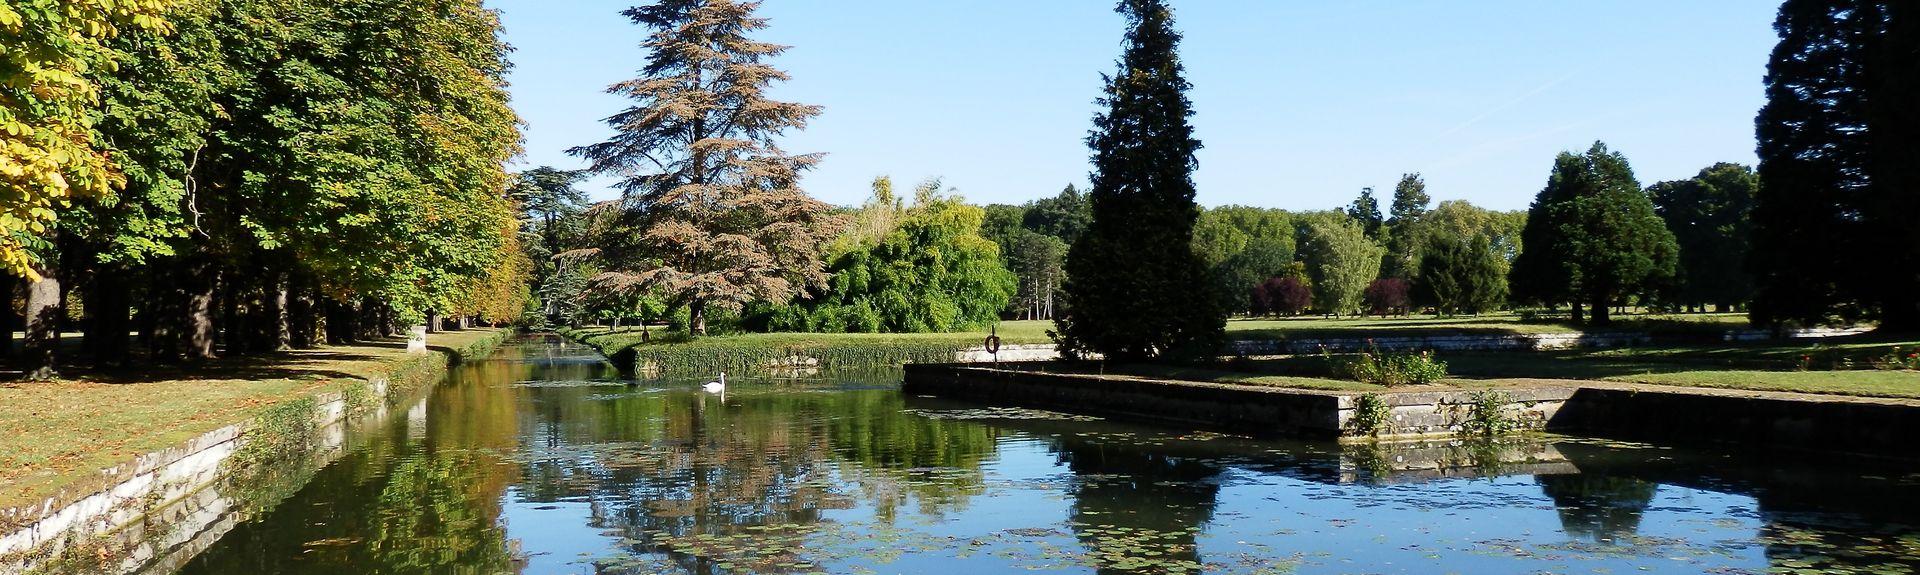 Prinçay, Vienne (department), France